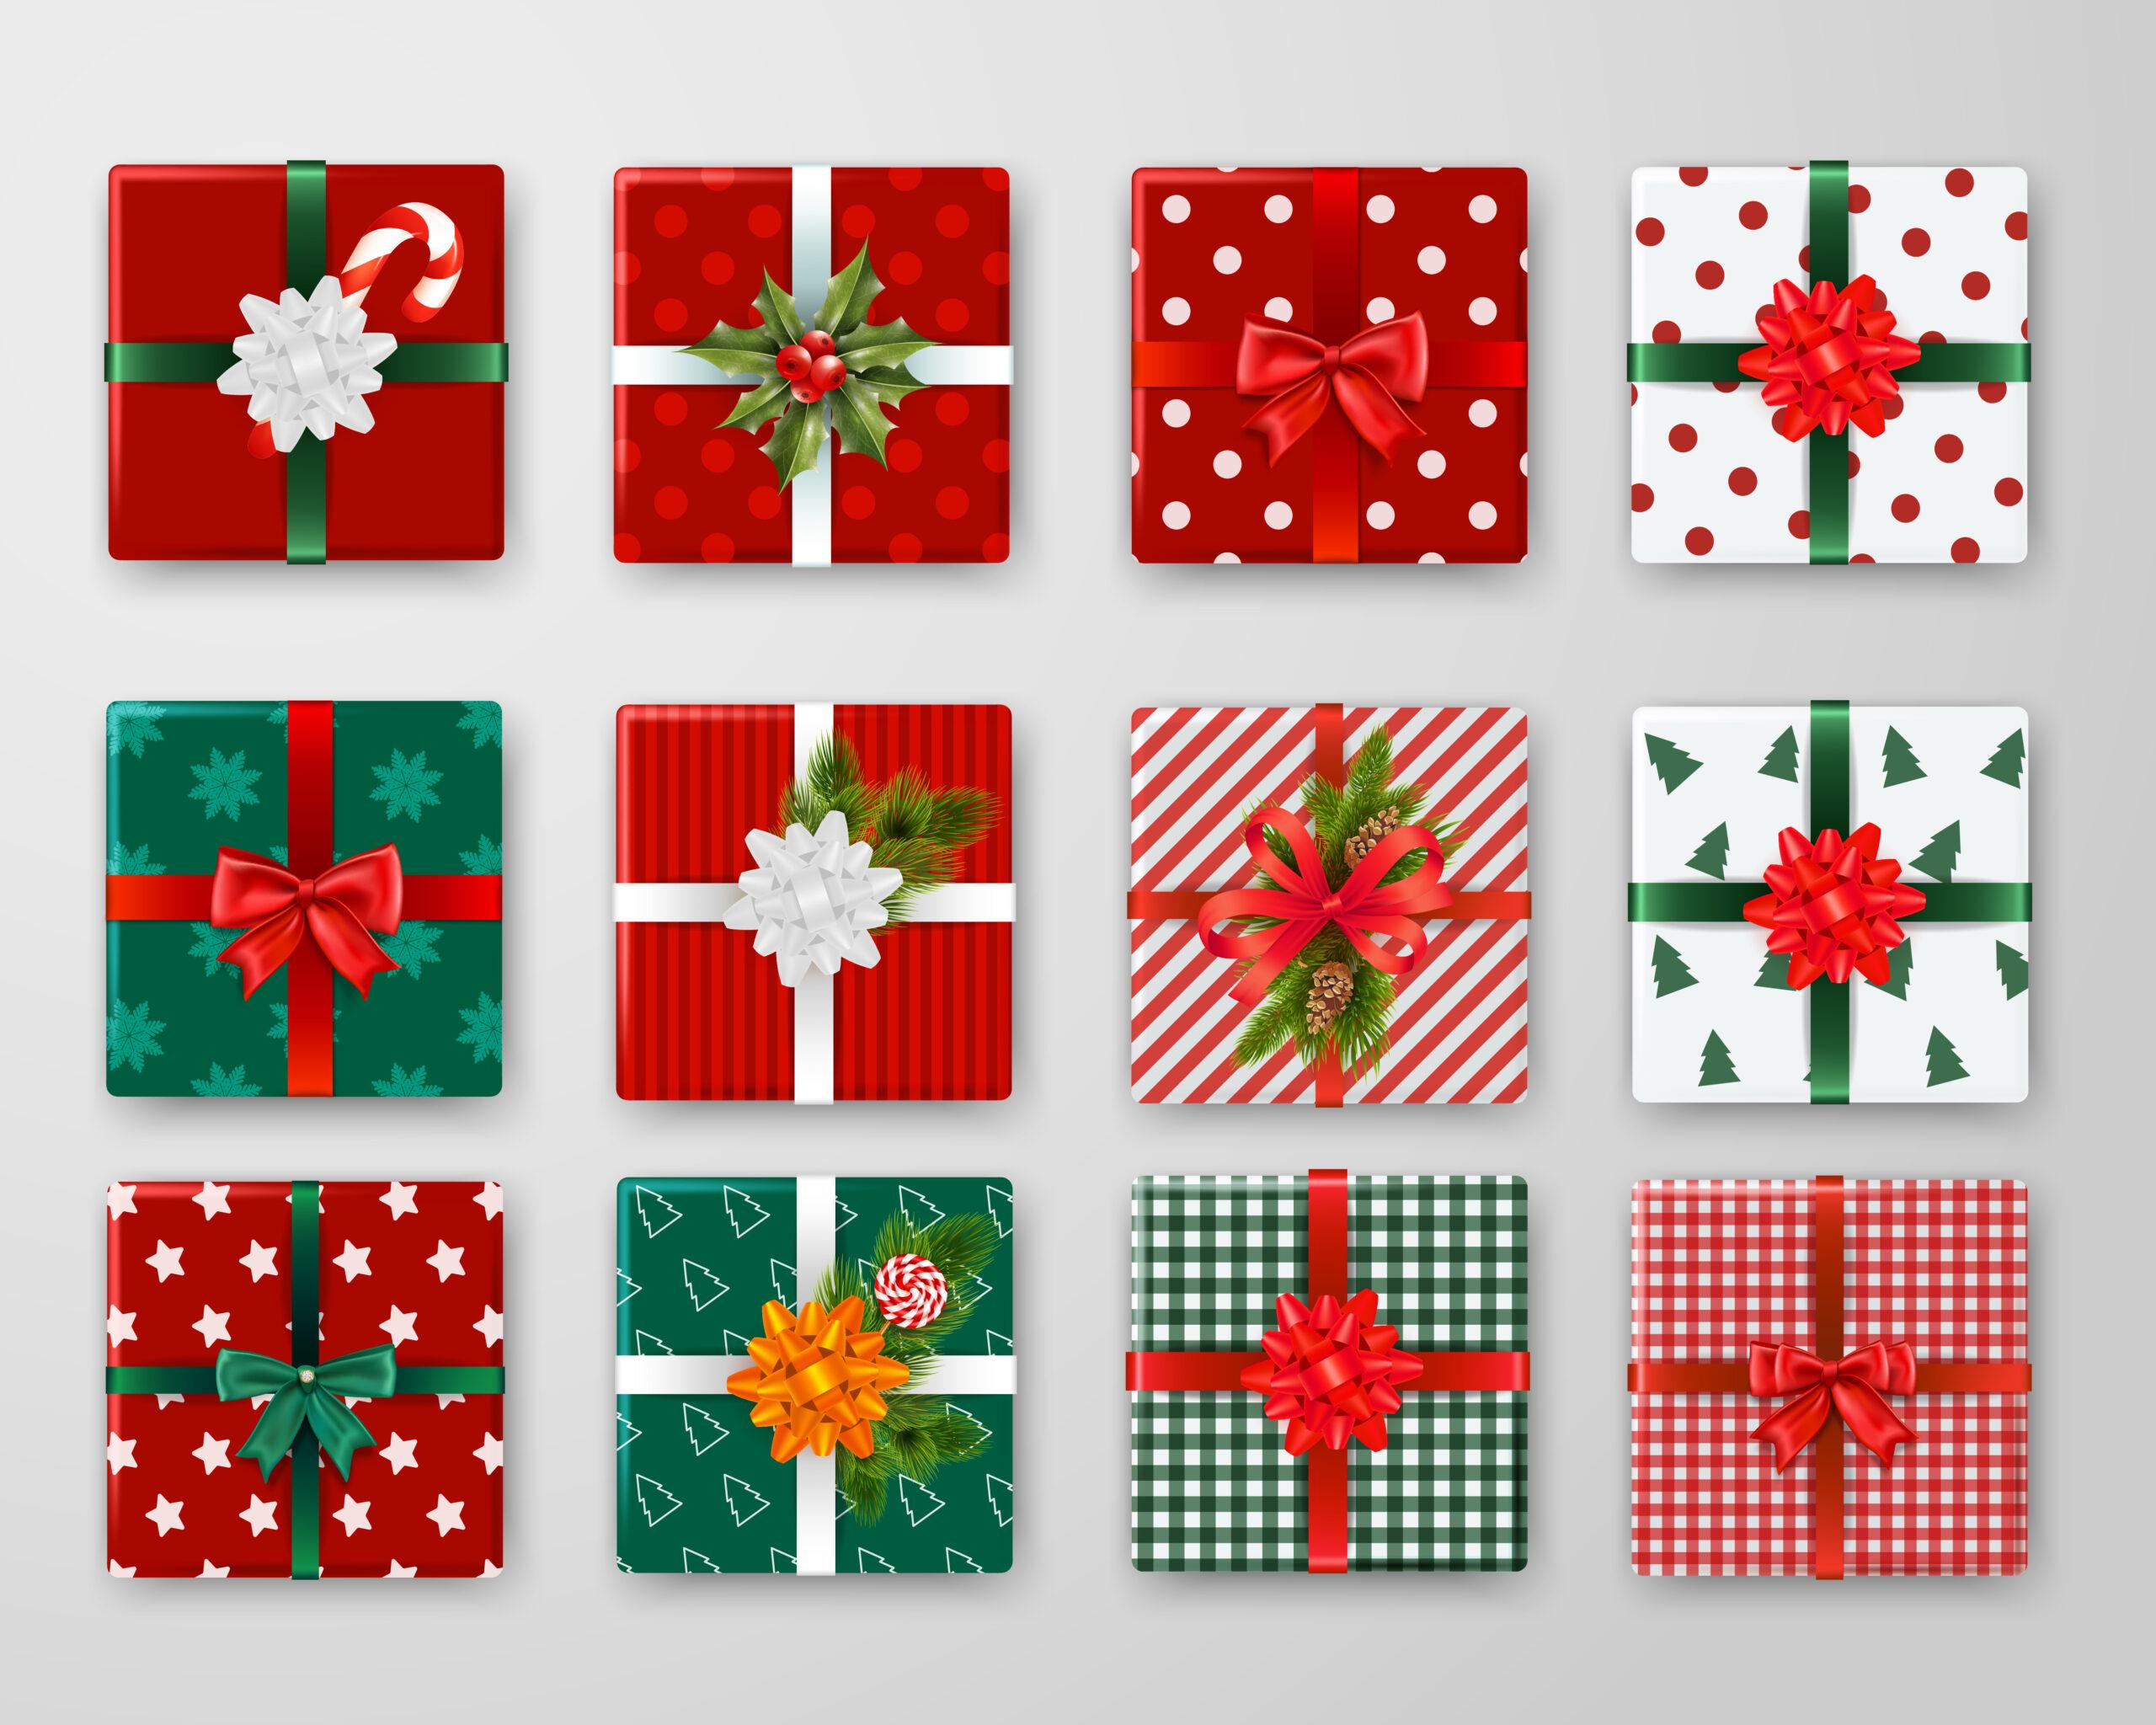 Il Natale e le tradizioni più celebri tra lingue e culture